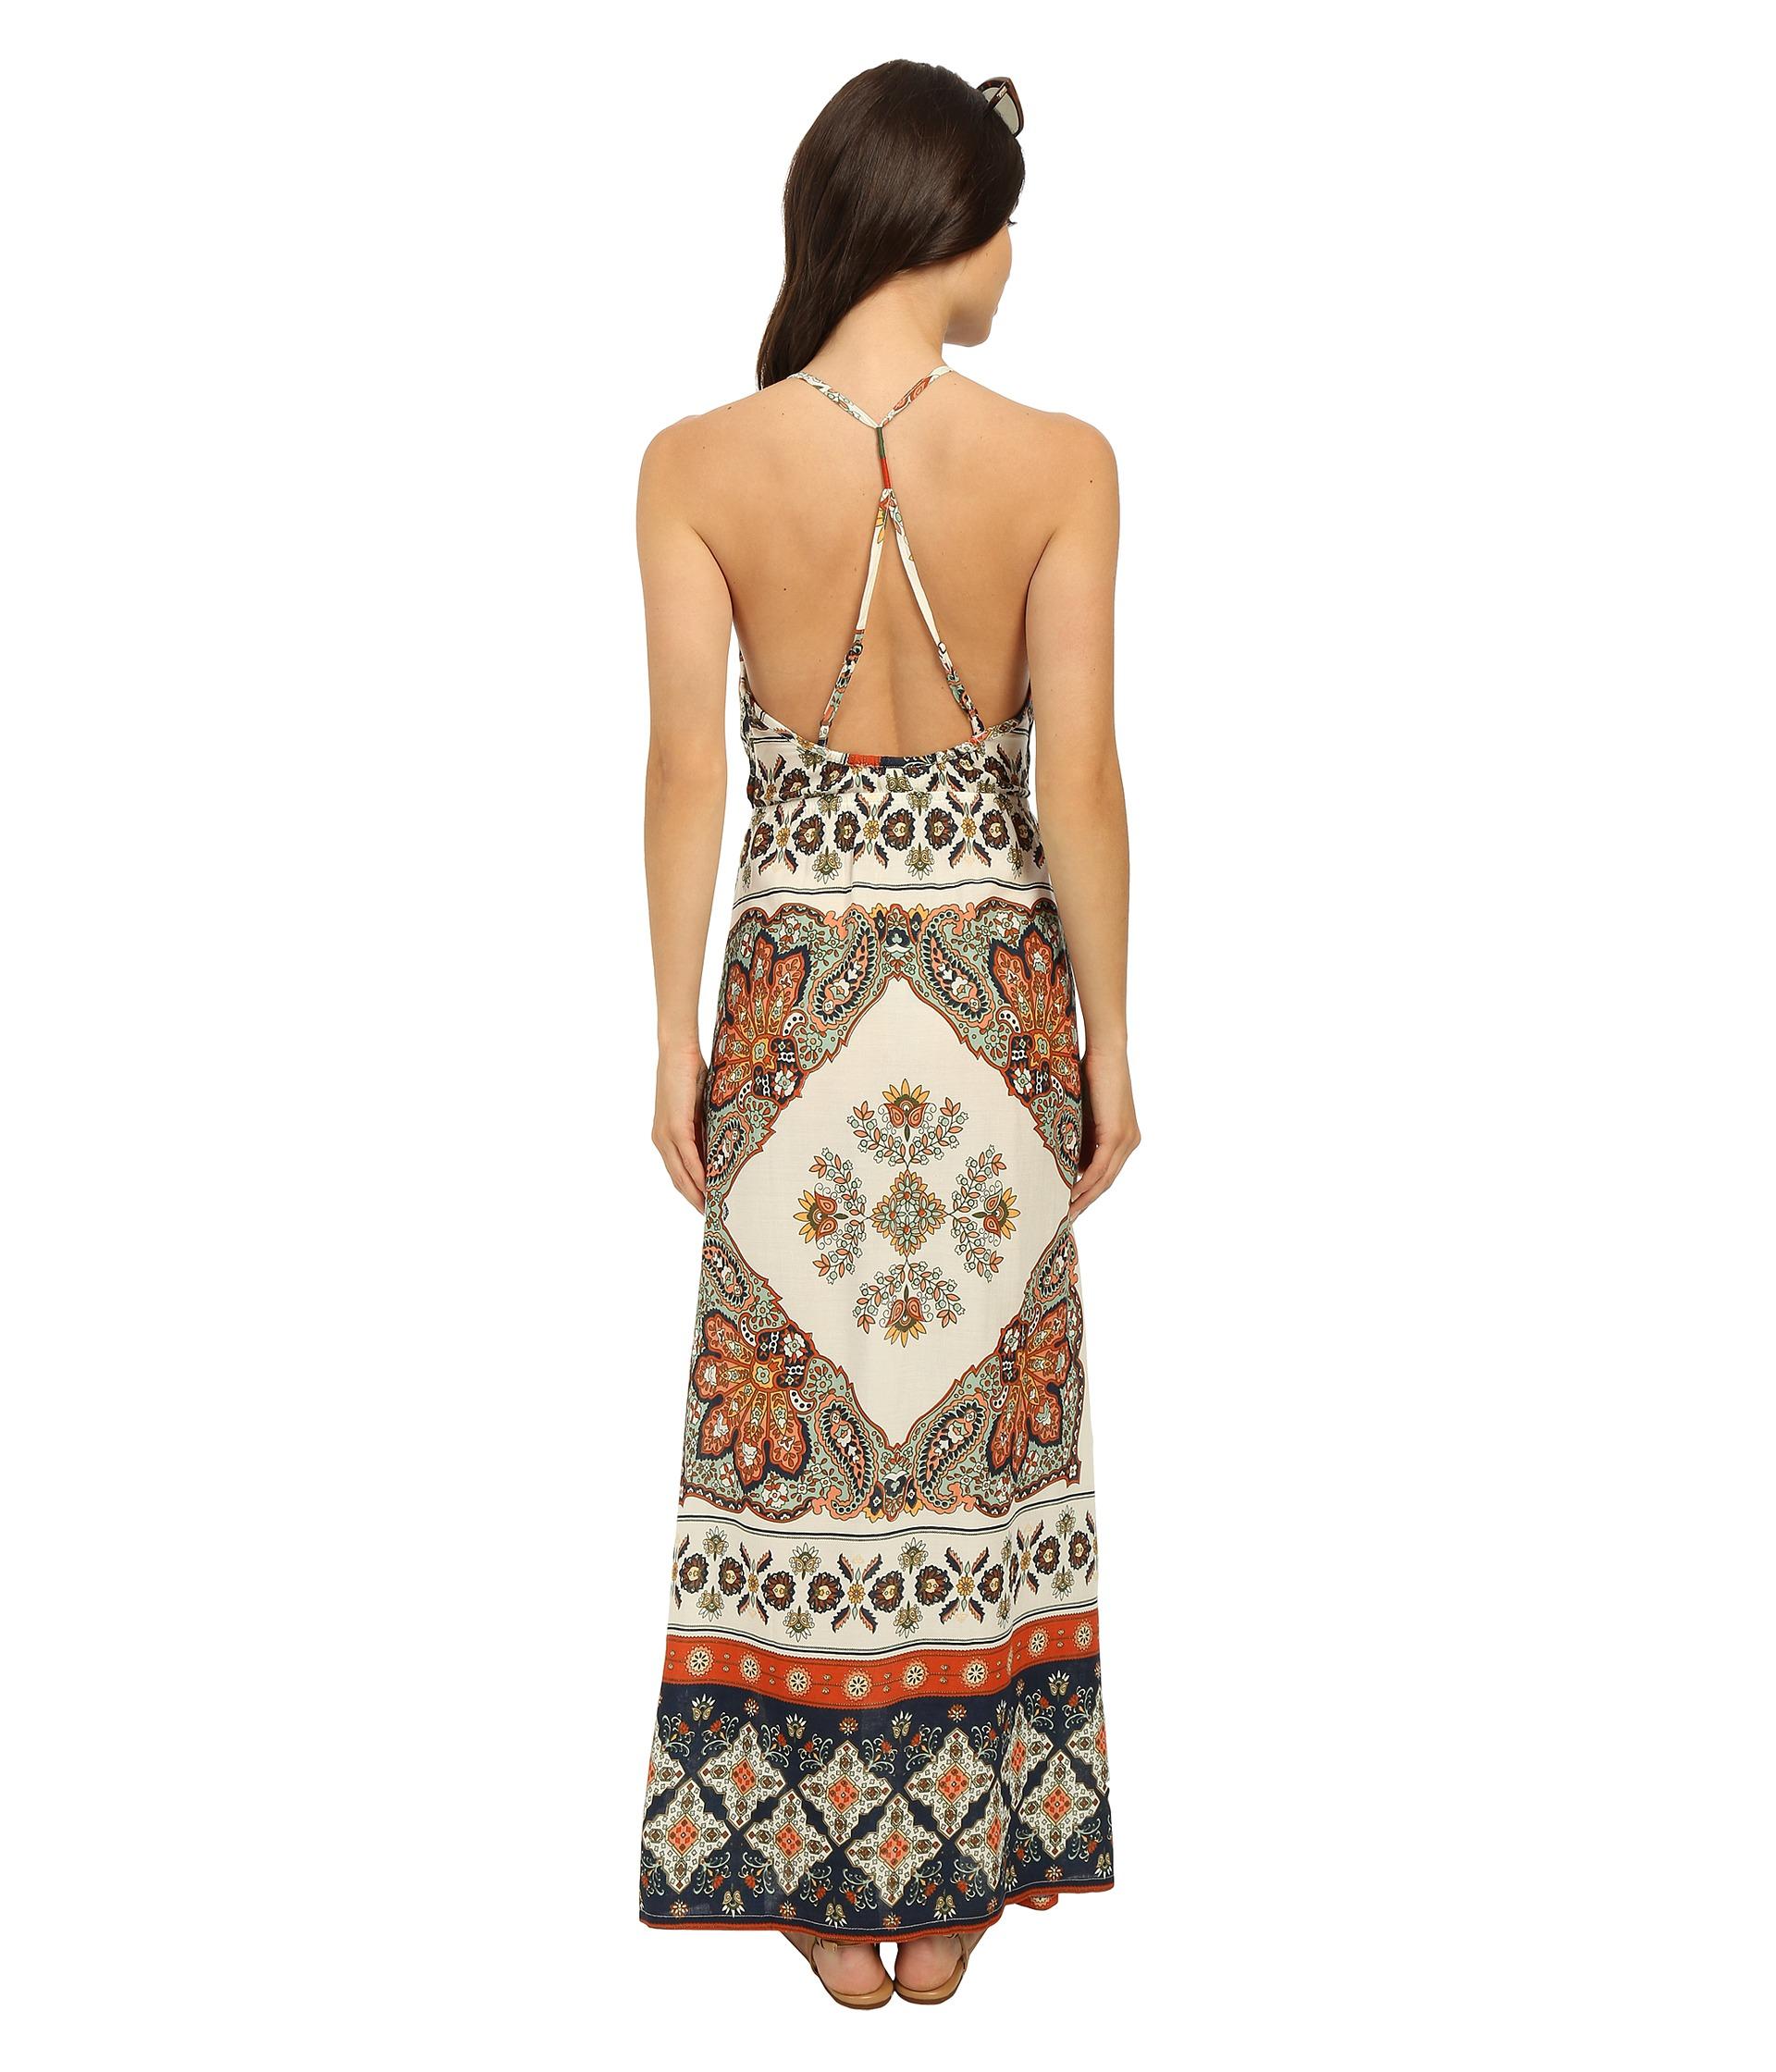 fd9a5d063e7d Lyst - Roxy Summer Fleet Dress in Natural